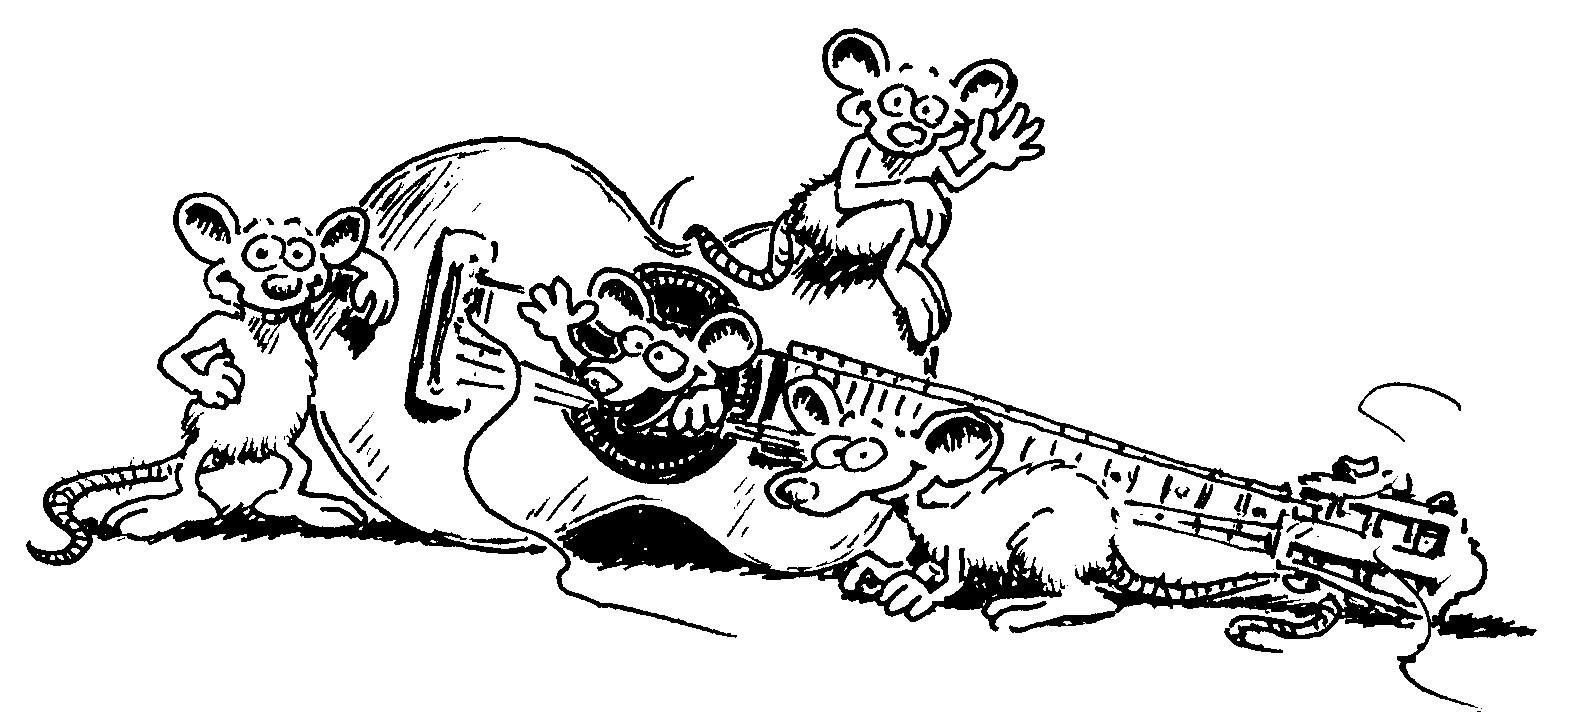 GitarrenRatten